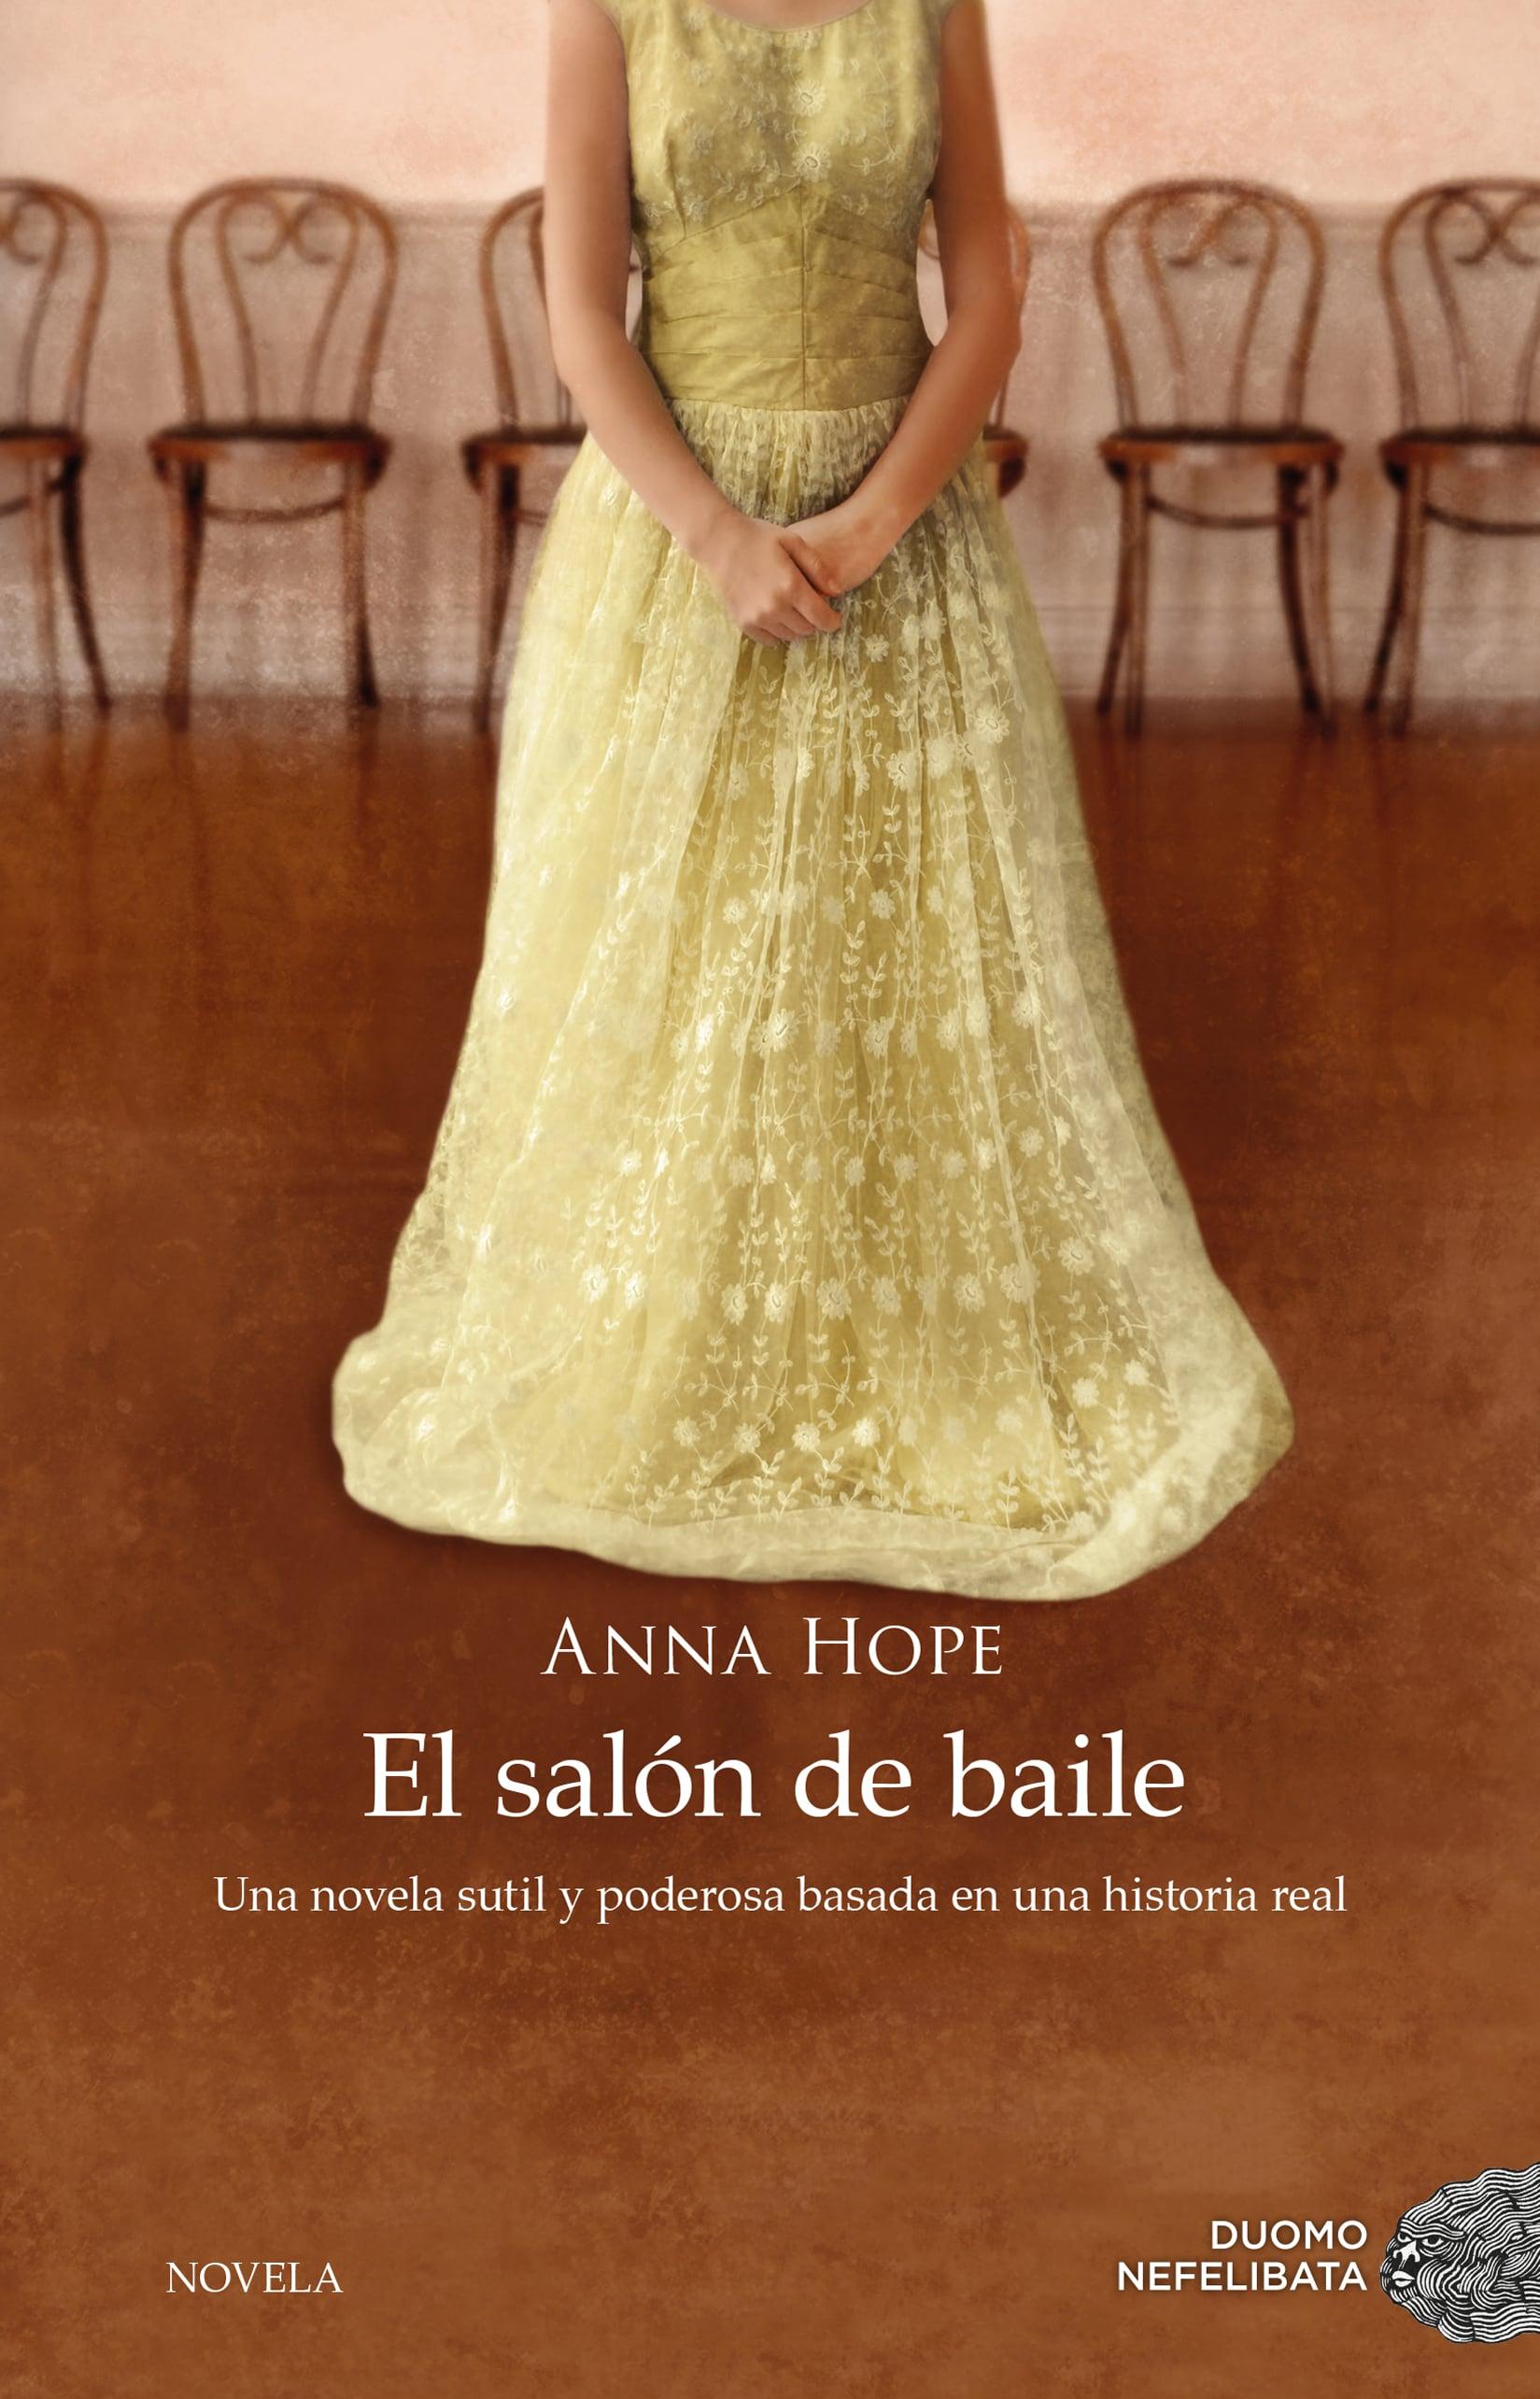 Resultado de imagen de el salon de baile anna hope